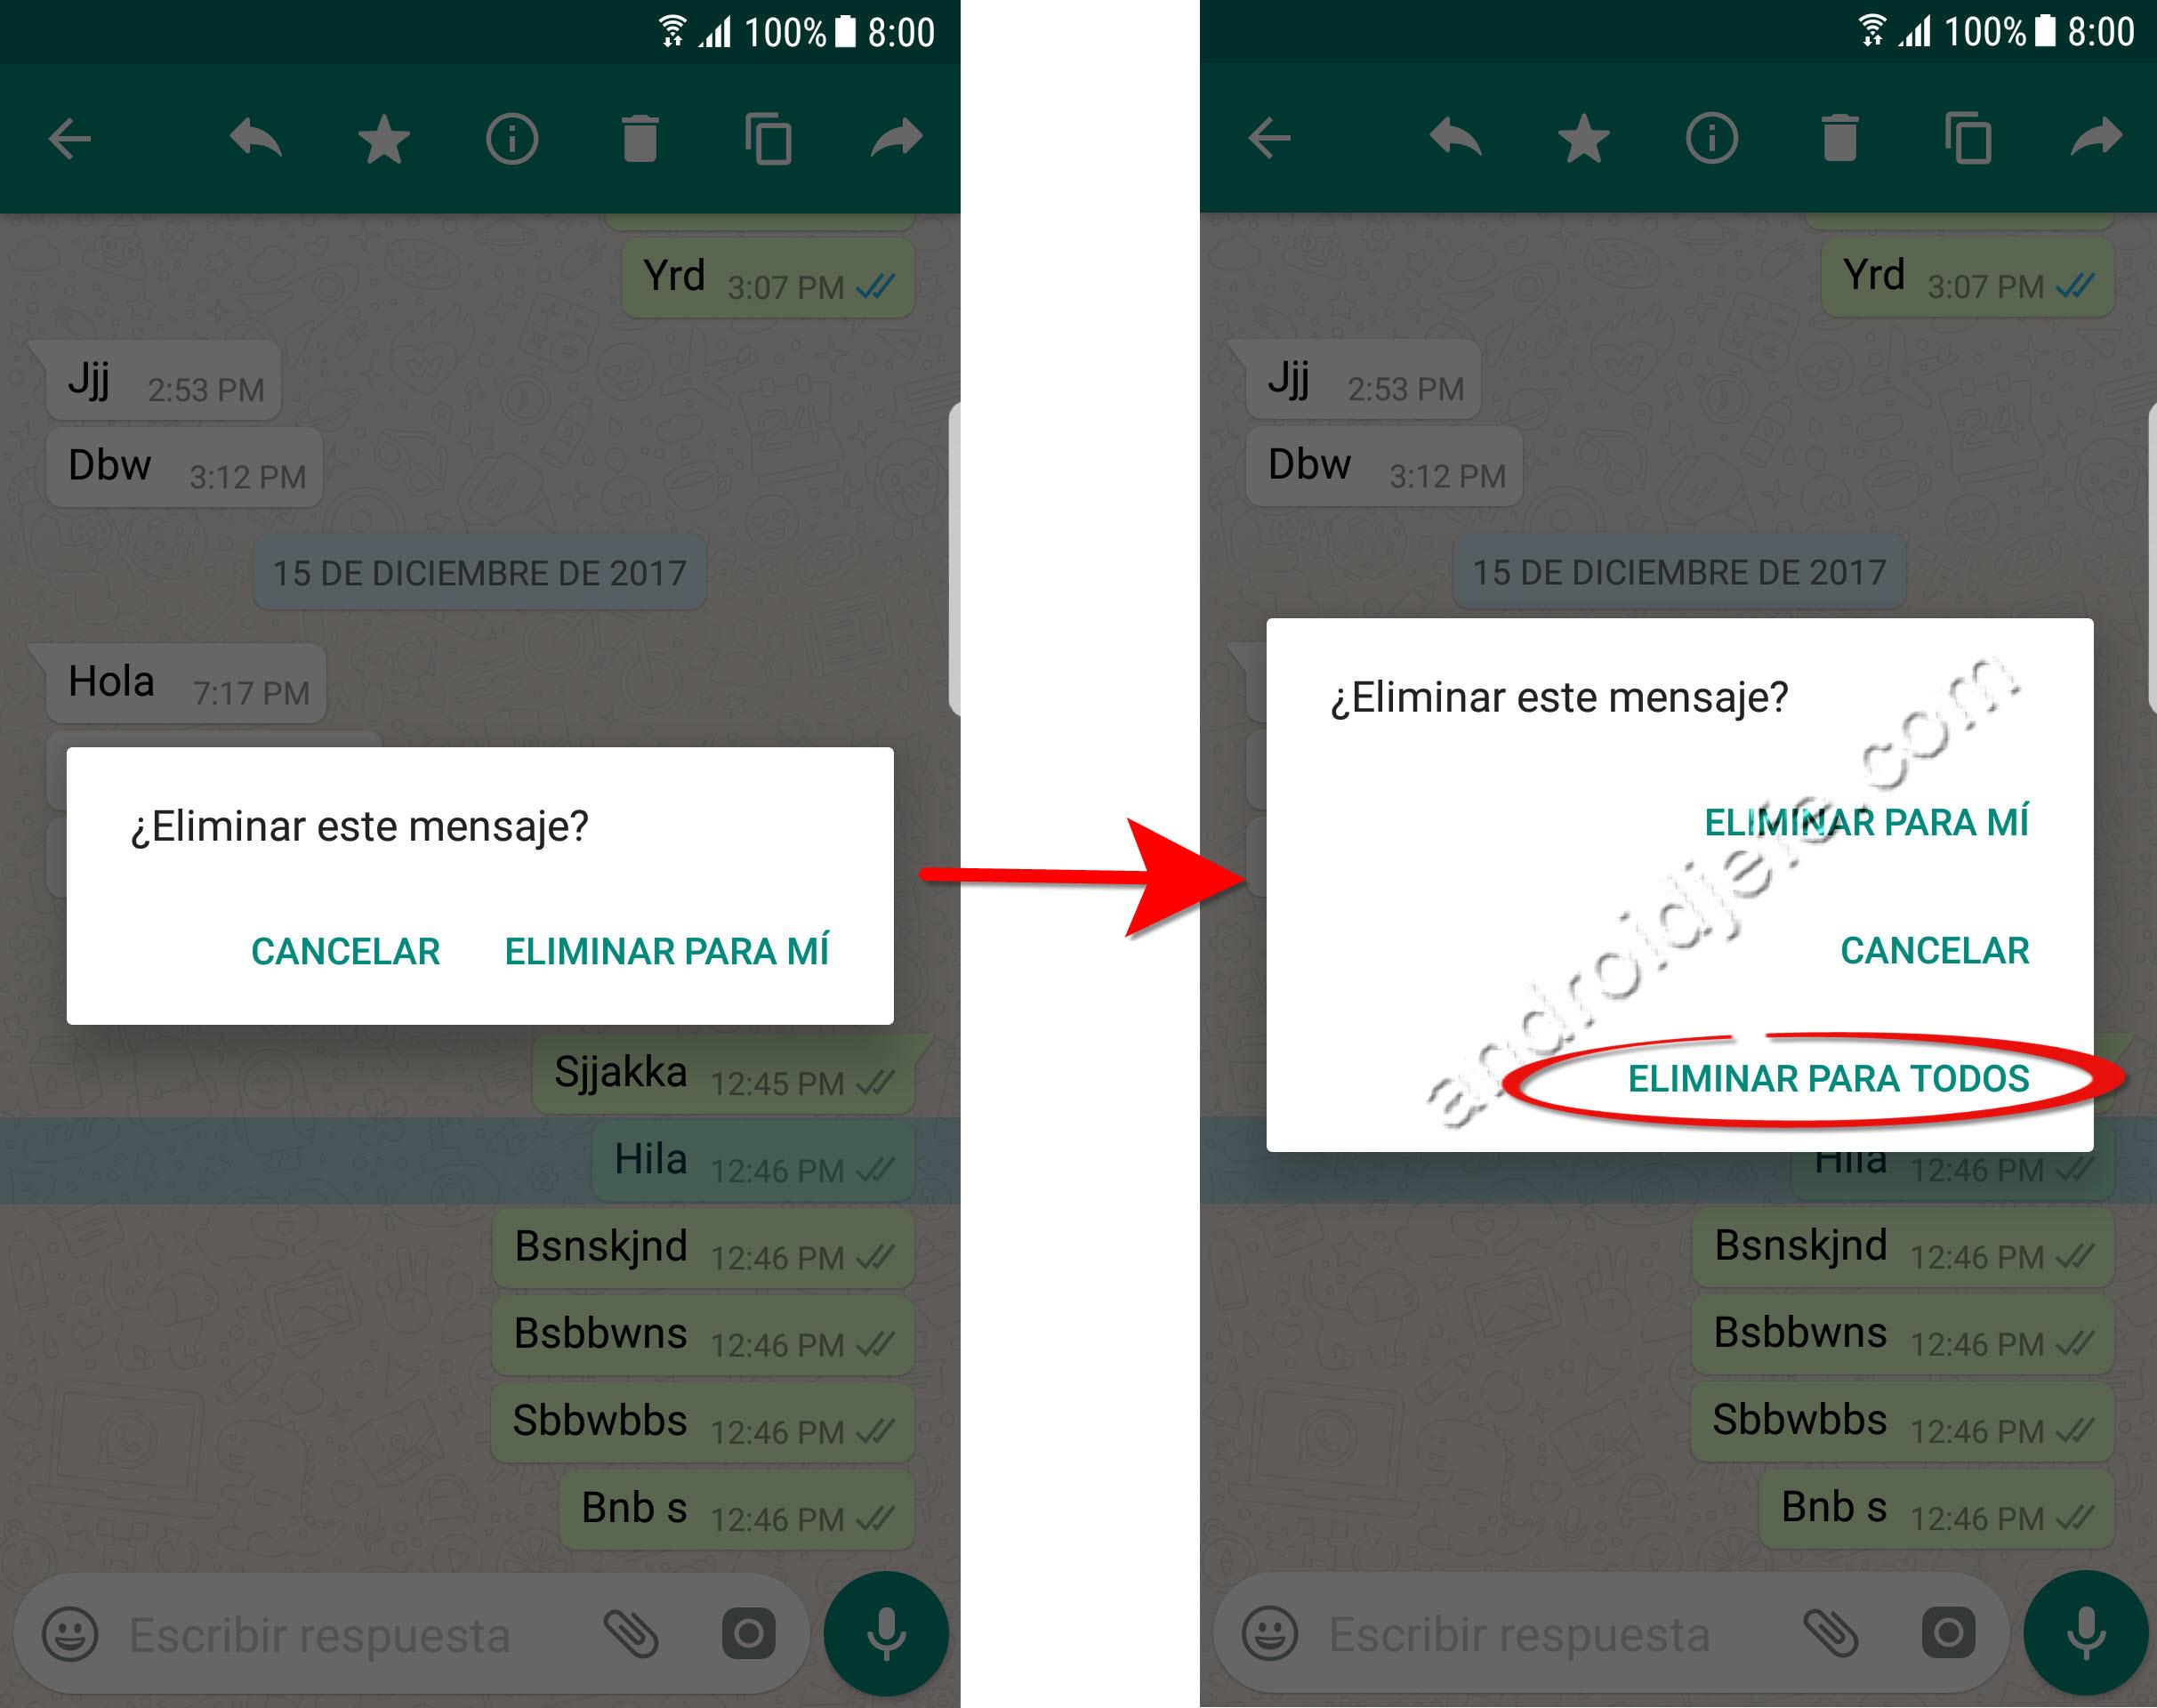 Cómo eliminar un mensaje de WhatsApp DESPUÉS del tiempo límite